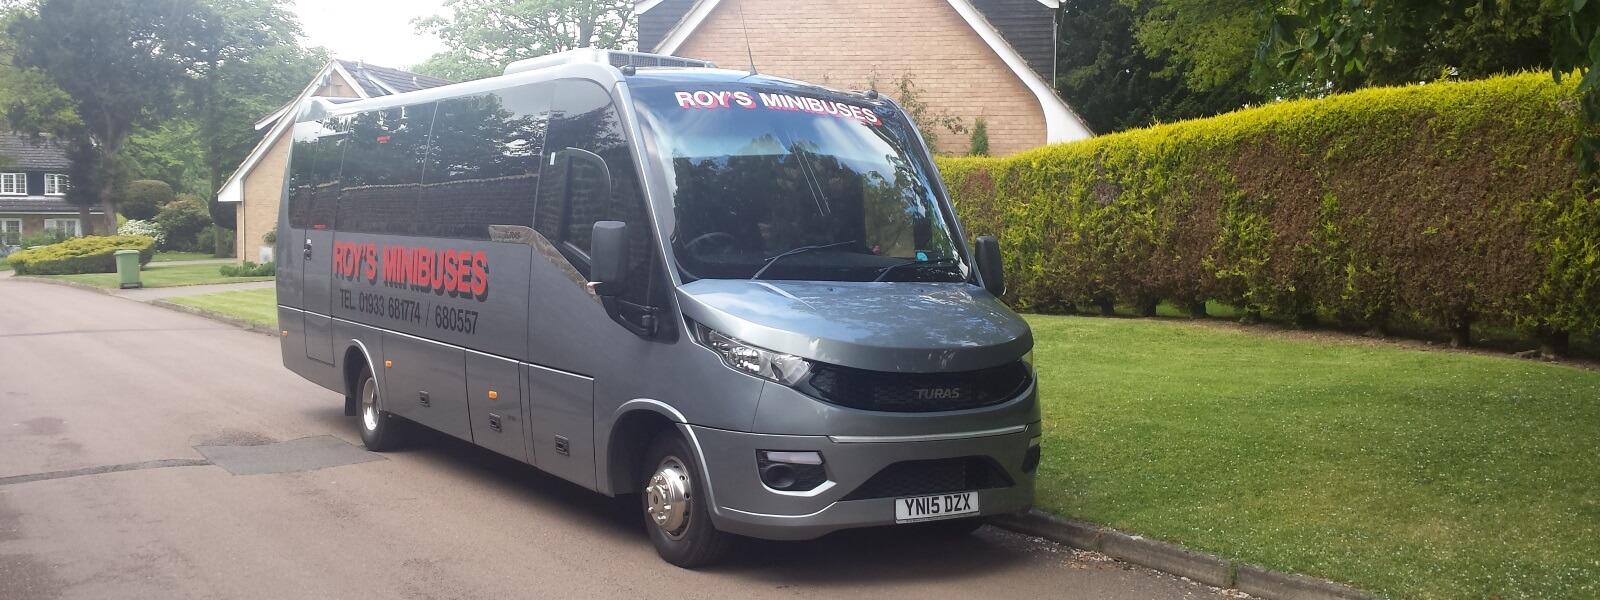 Roy's Minibuses